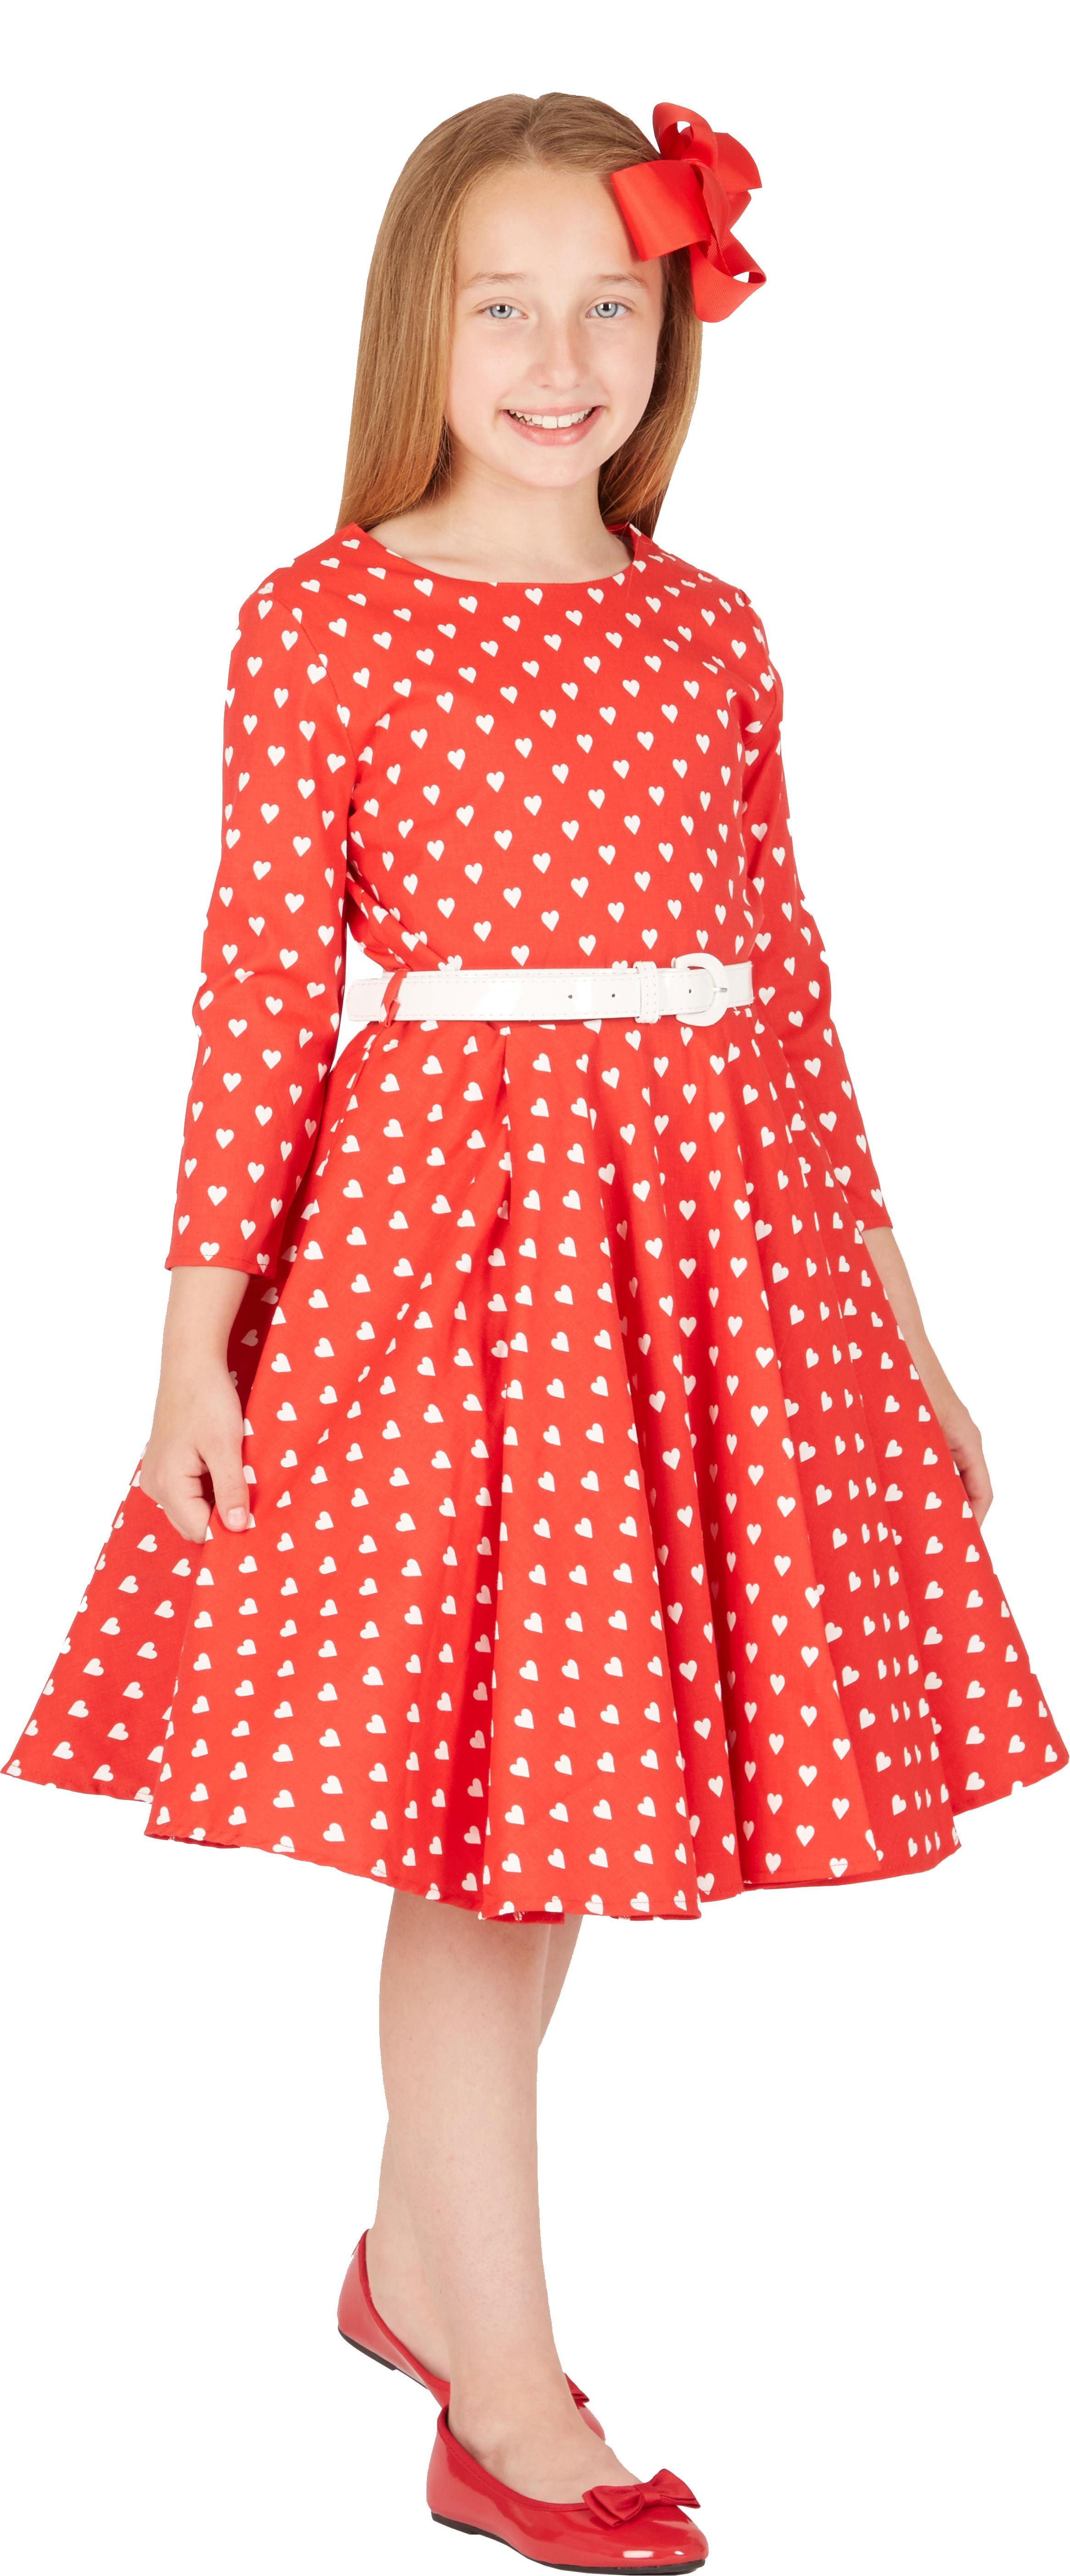 73a4235a355d4 BlackButterfly Enfants Robe Années 50 Vintage Sortie Soirée Les ...